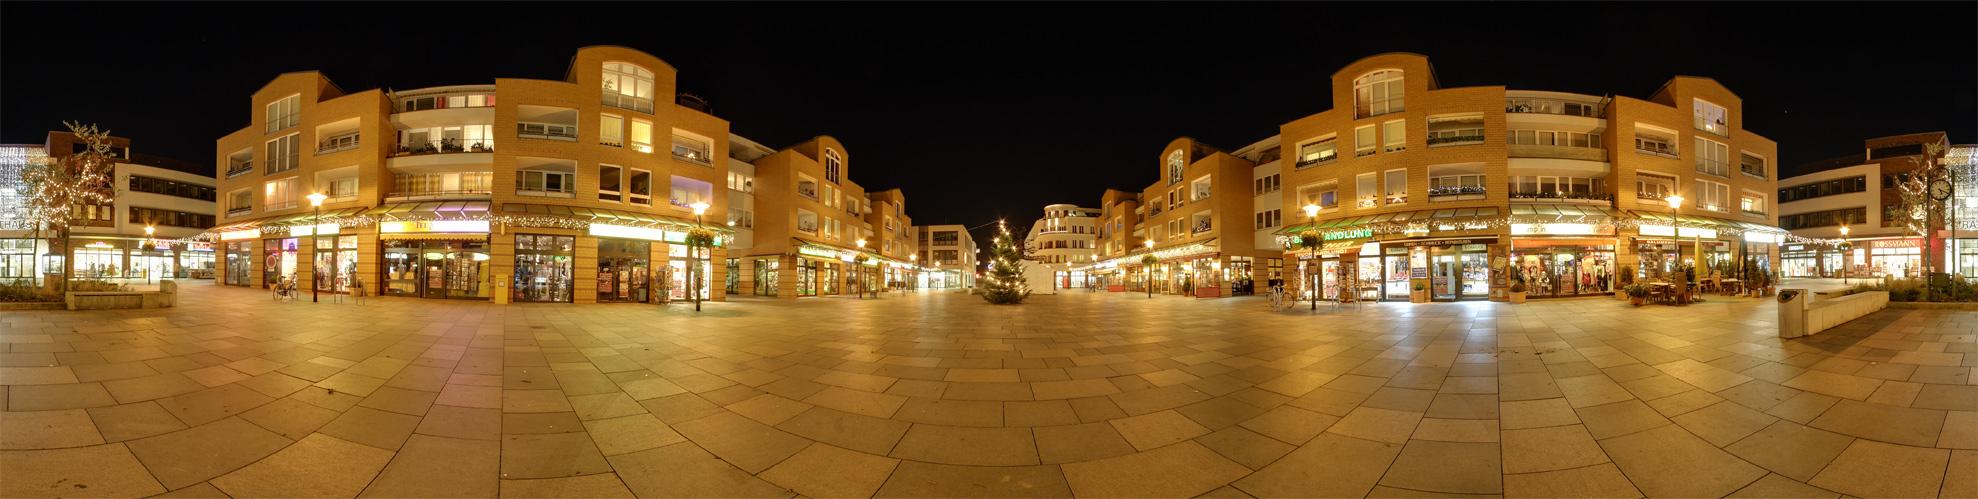 Rathausmarkt Kleinmachnow II